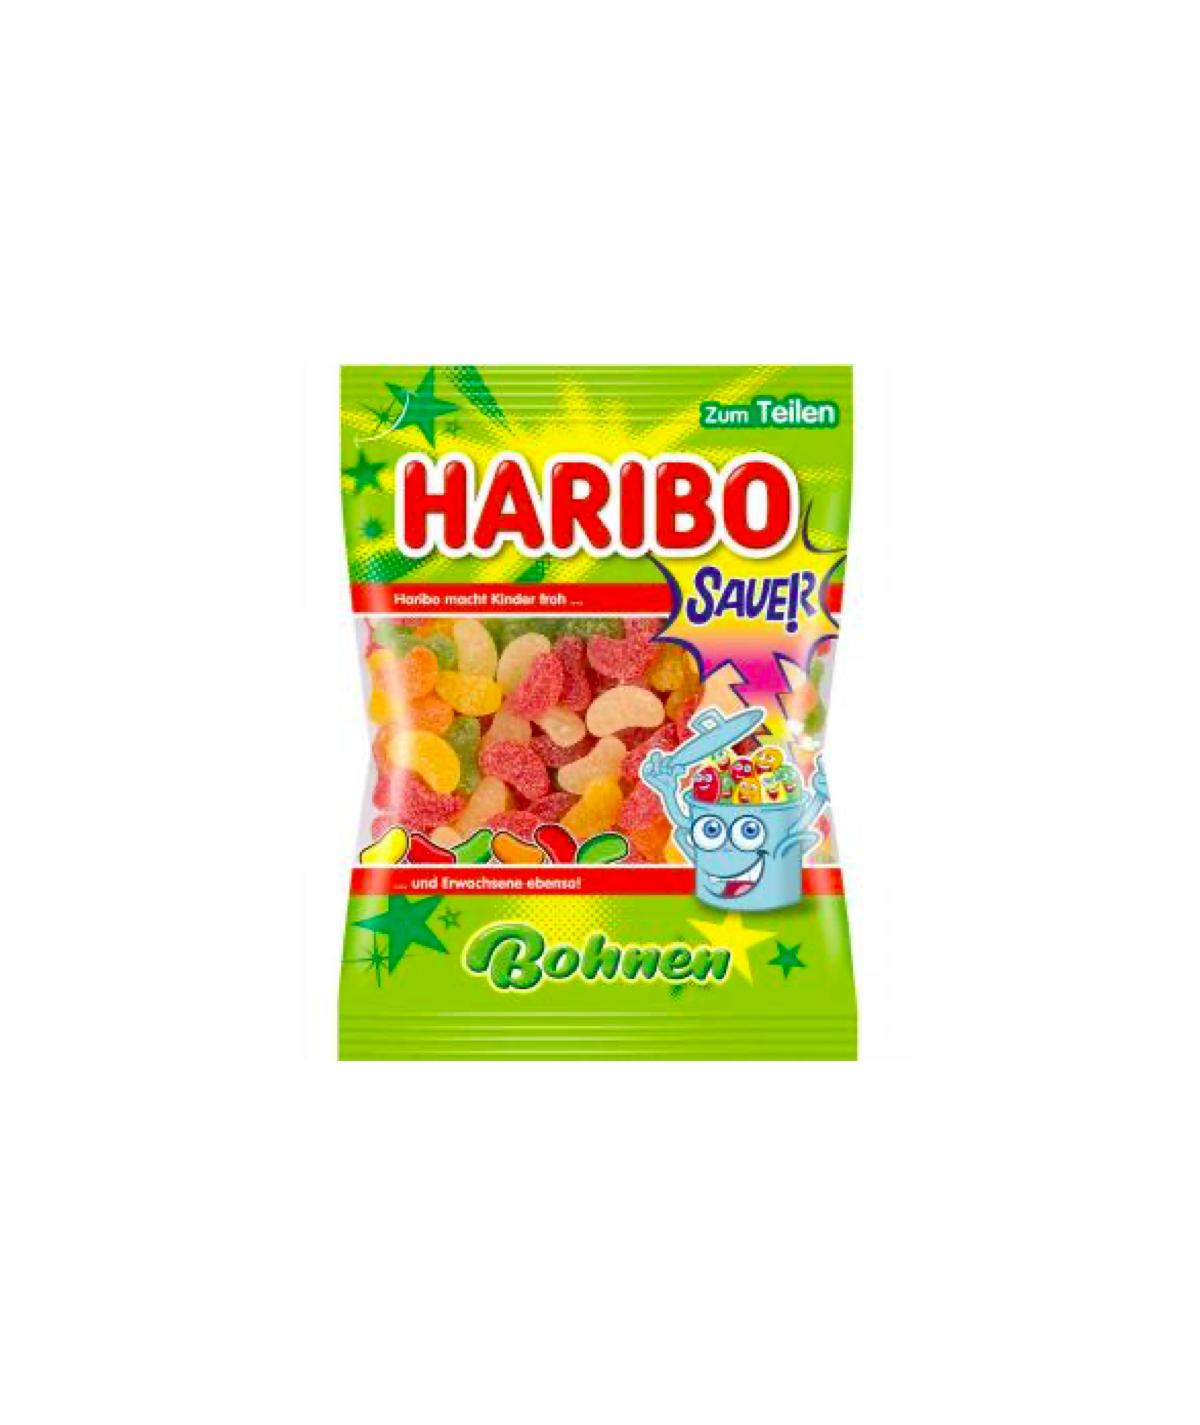 Haribo Bohnen Sauer 200g